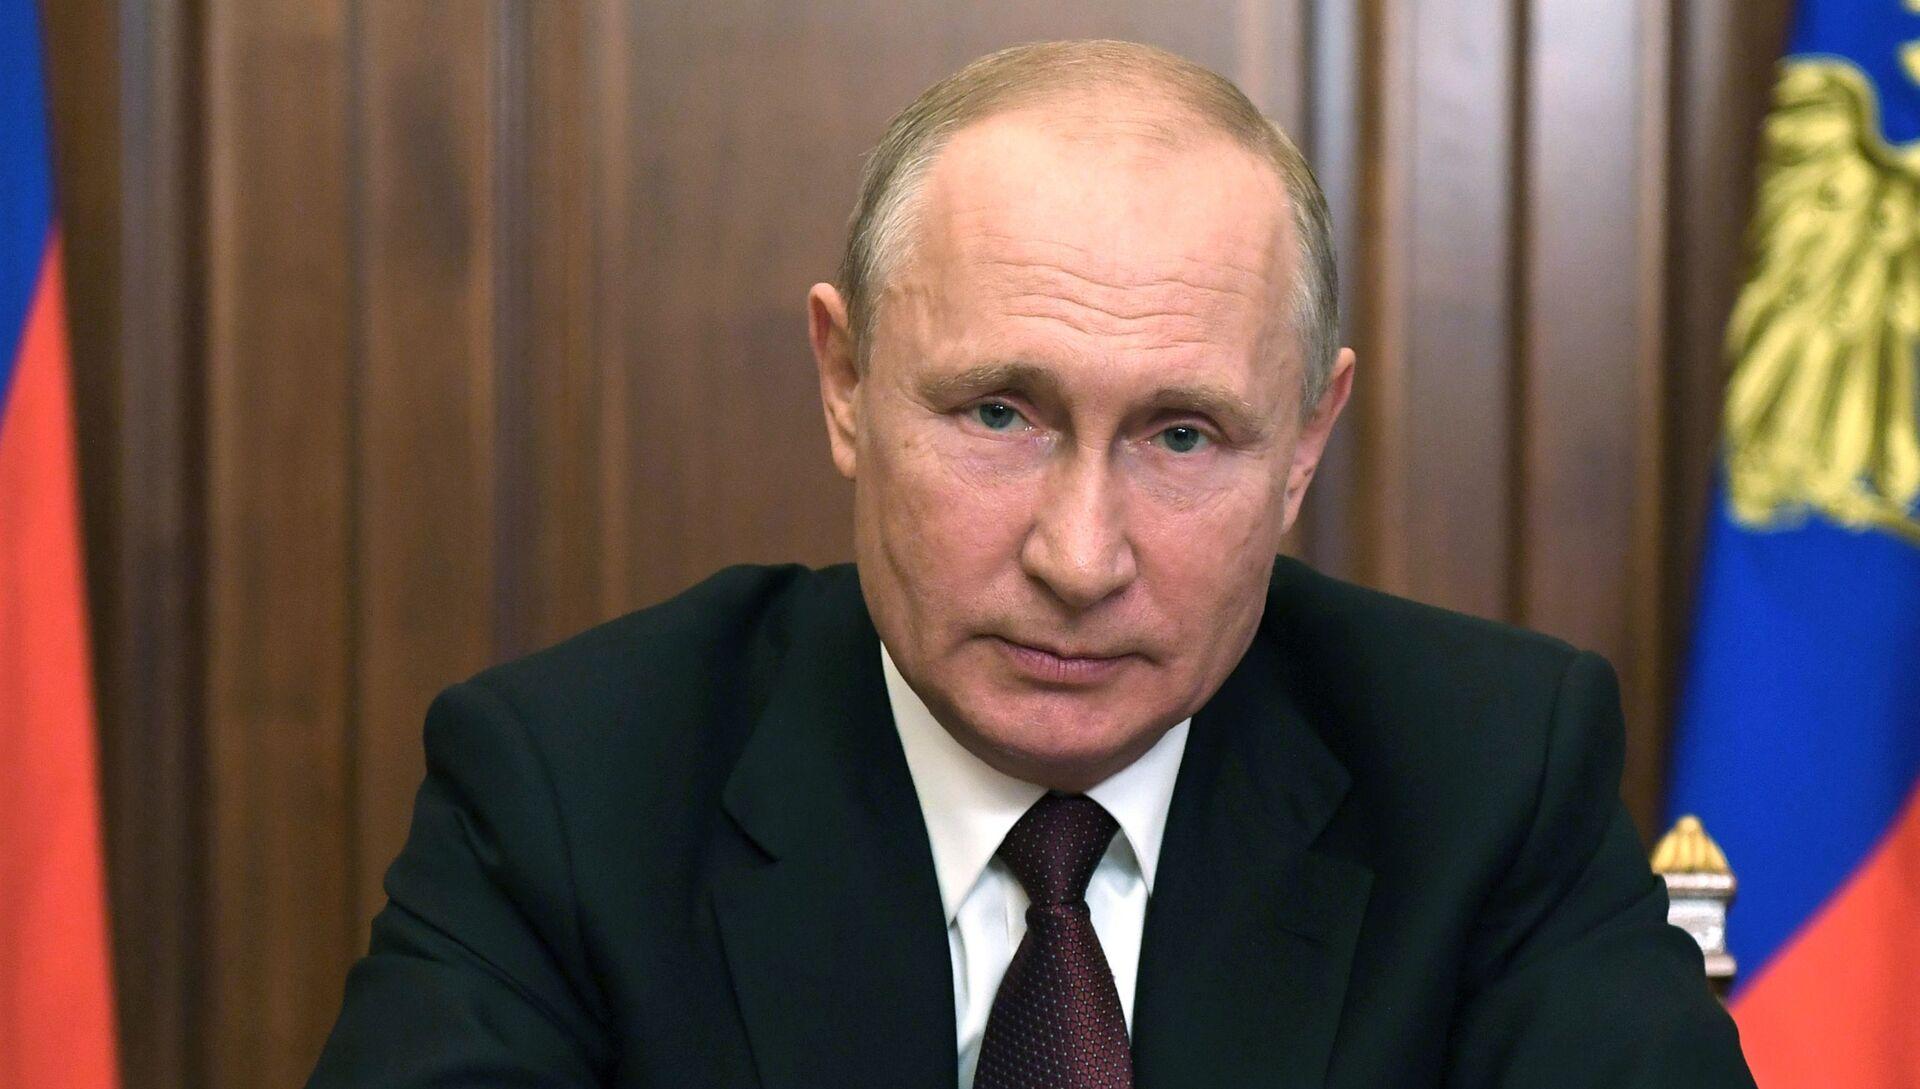 Обращение президента РФ В. Путина к гражданам России - РИА Новости, 1920, 23.06.2020